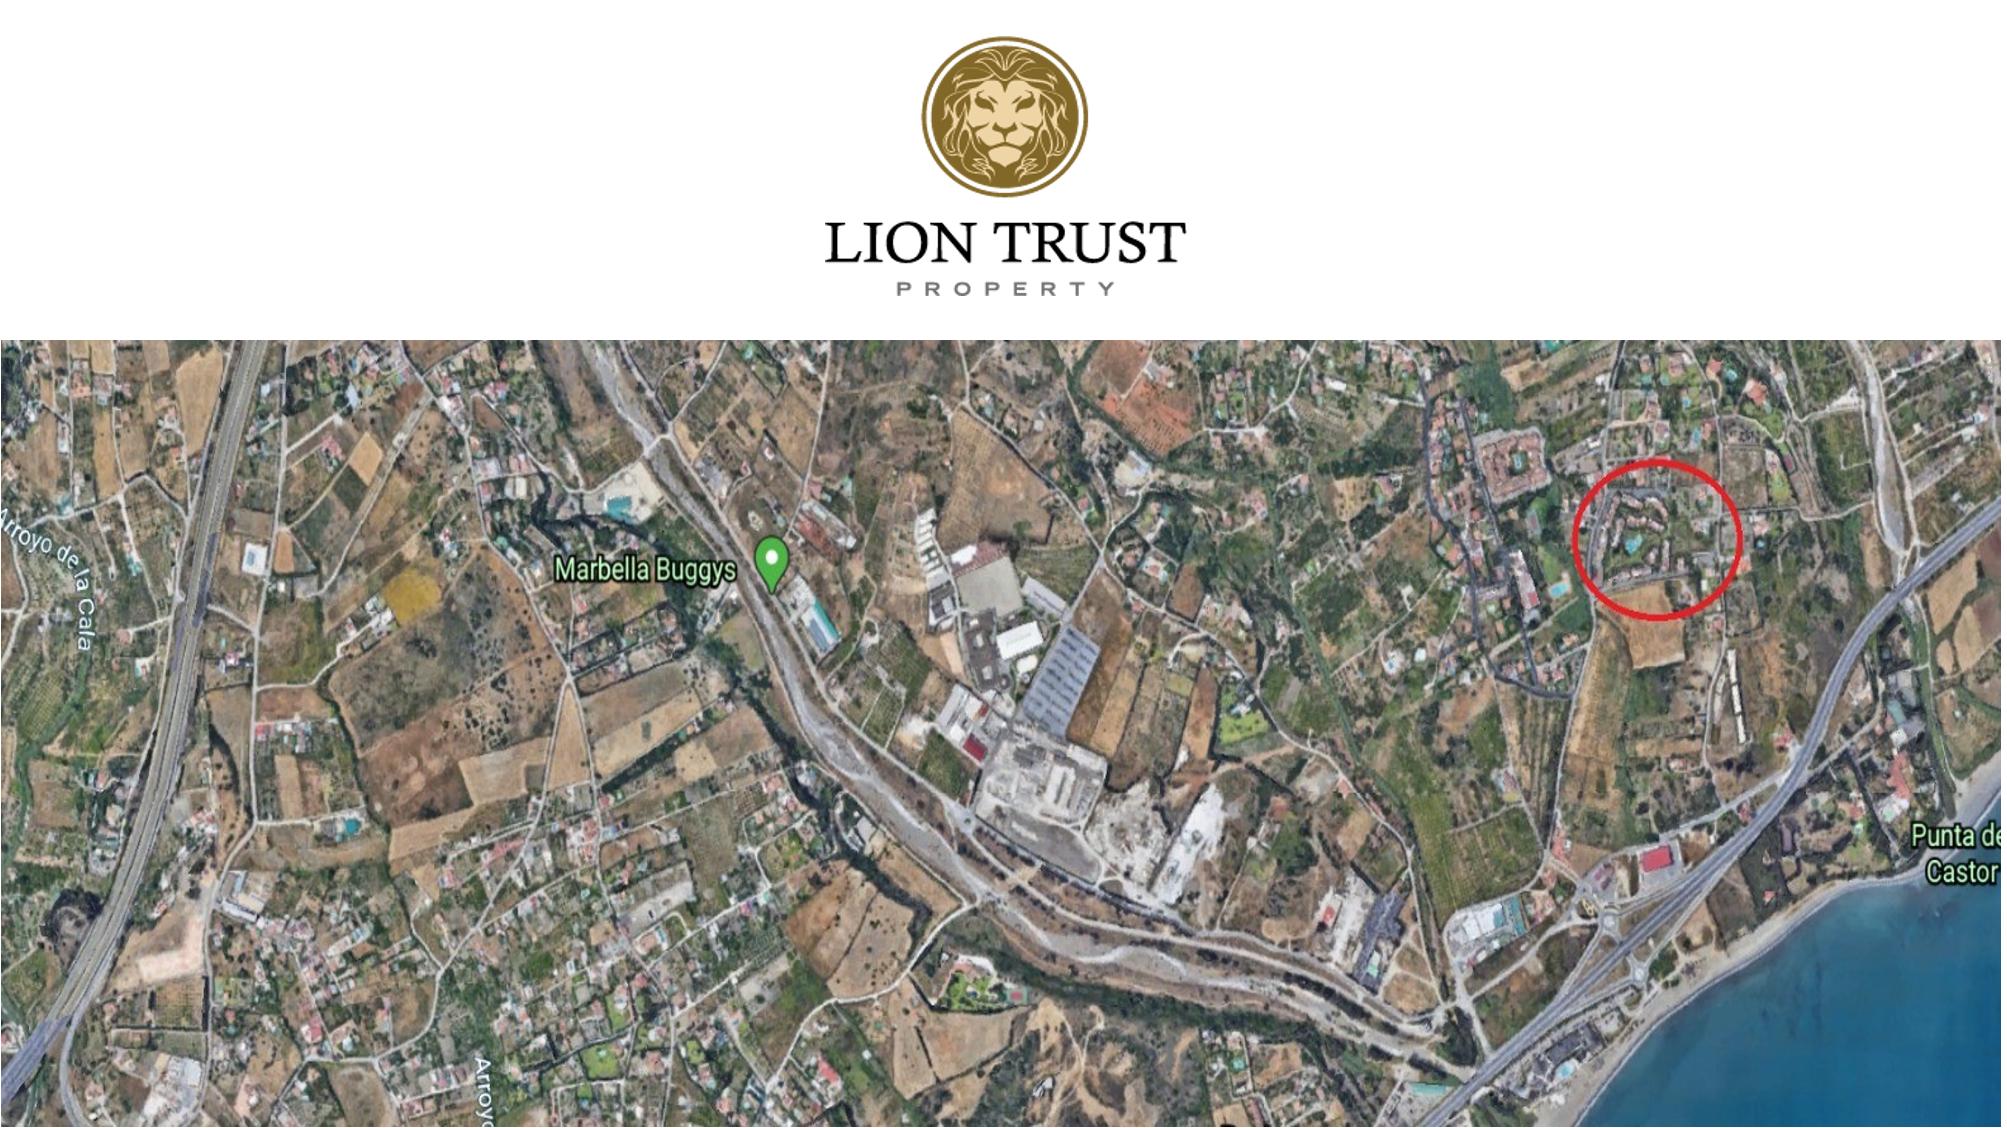 2a 1 - Lion Trust Spain